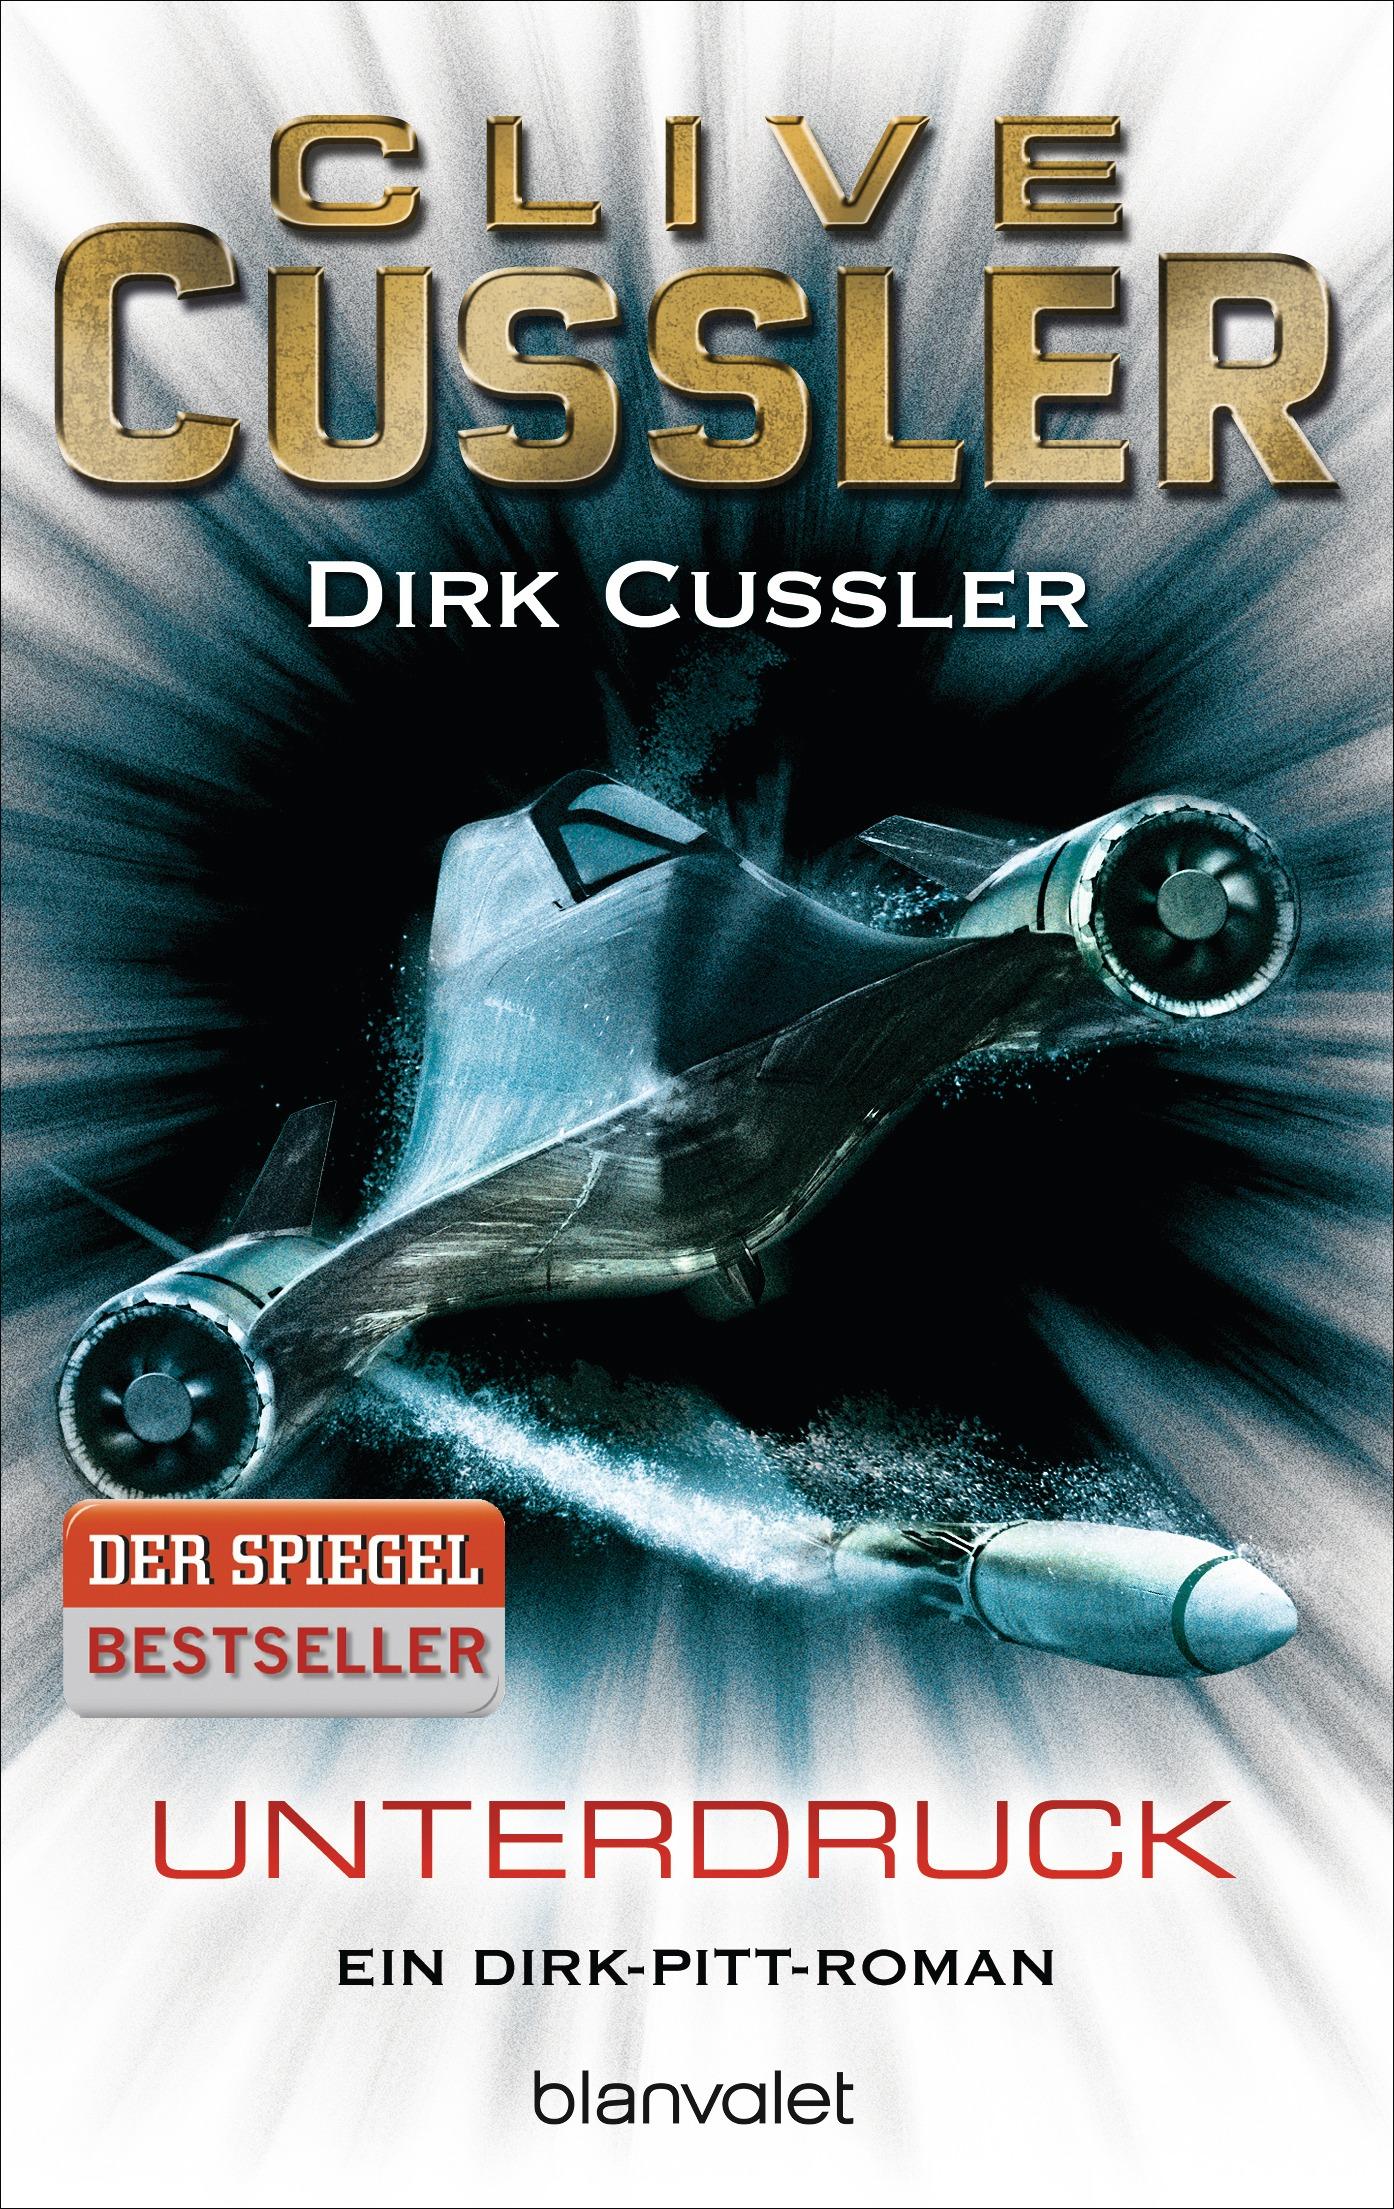 Unterdruck: Ein Dirk-Pitt-Roman - Clive Cussler